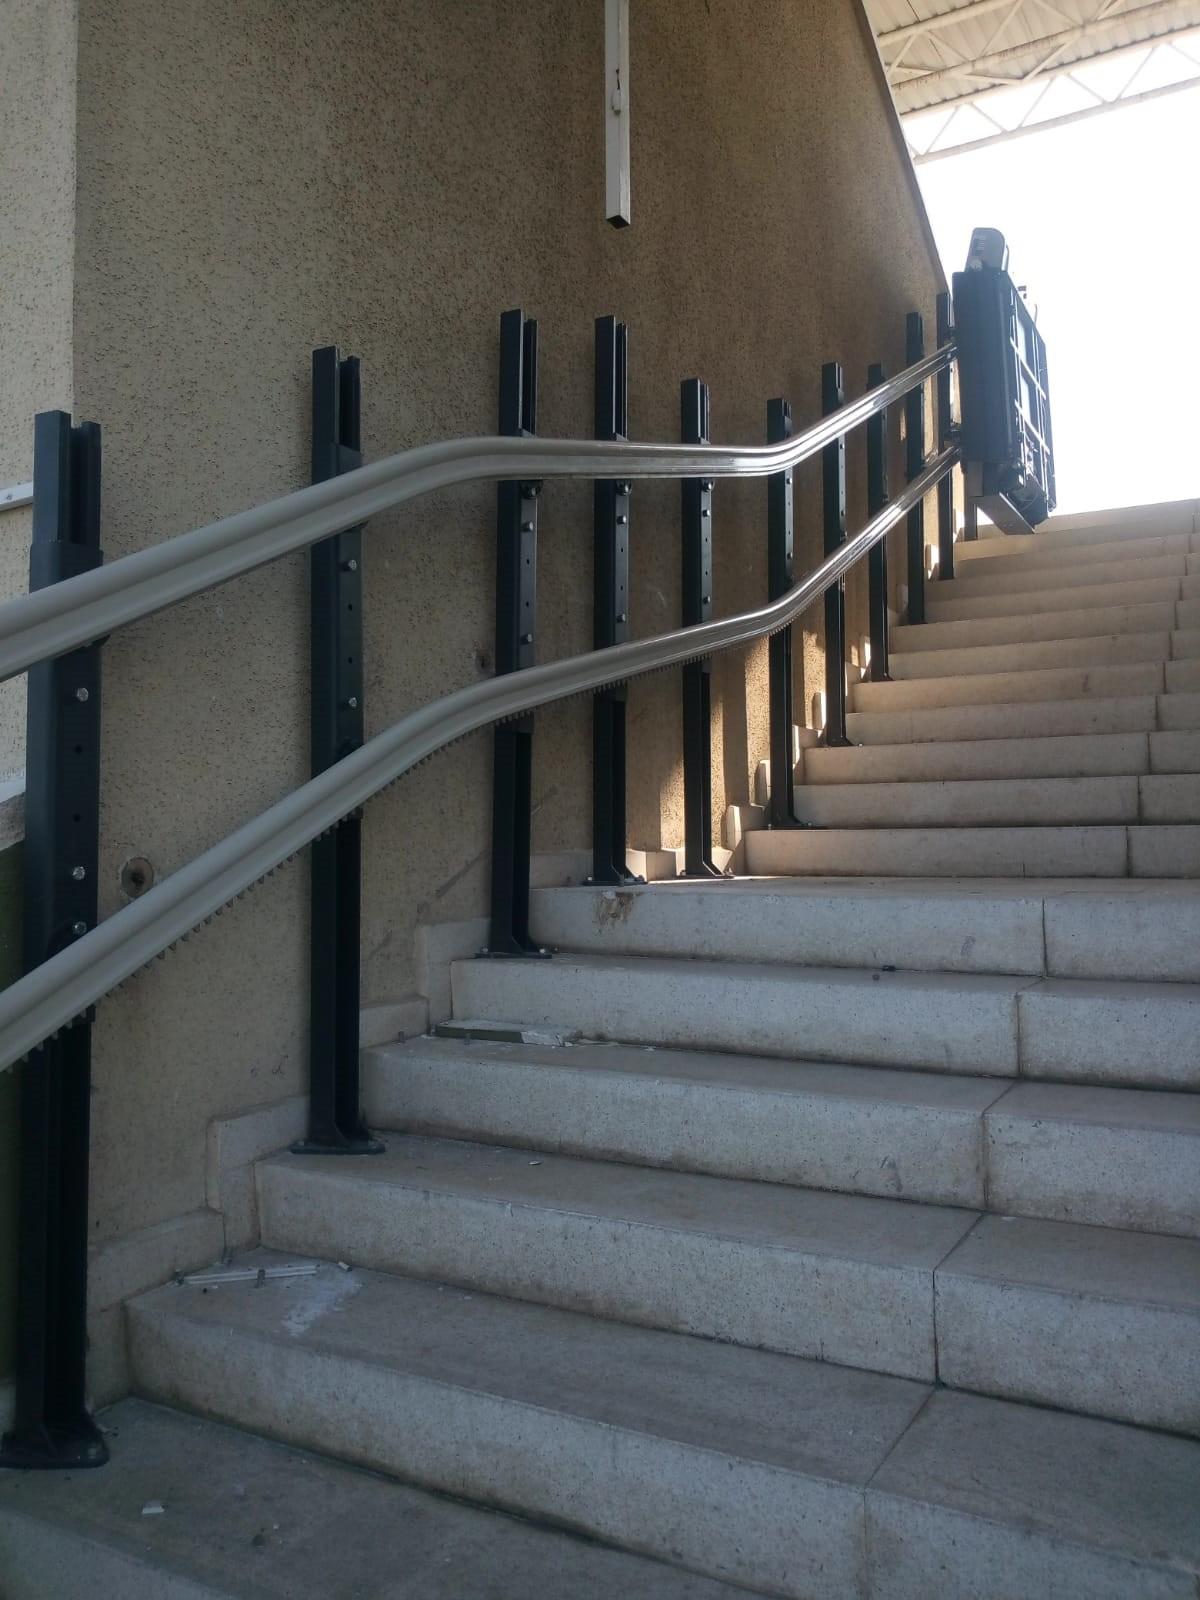 iç mekan eğimli platform asansörler